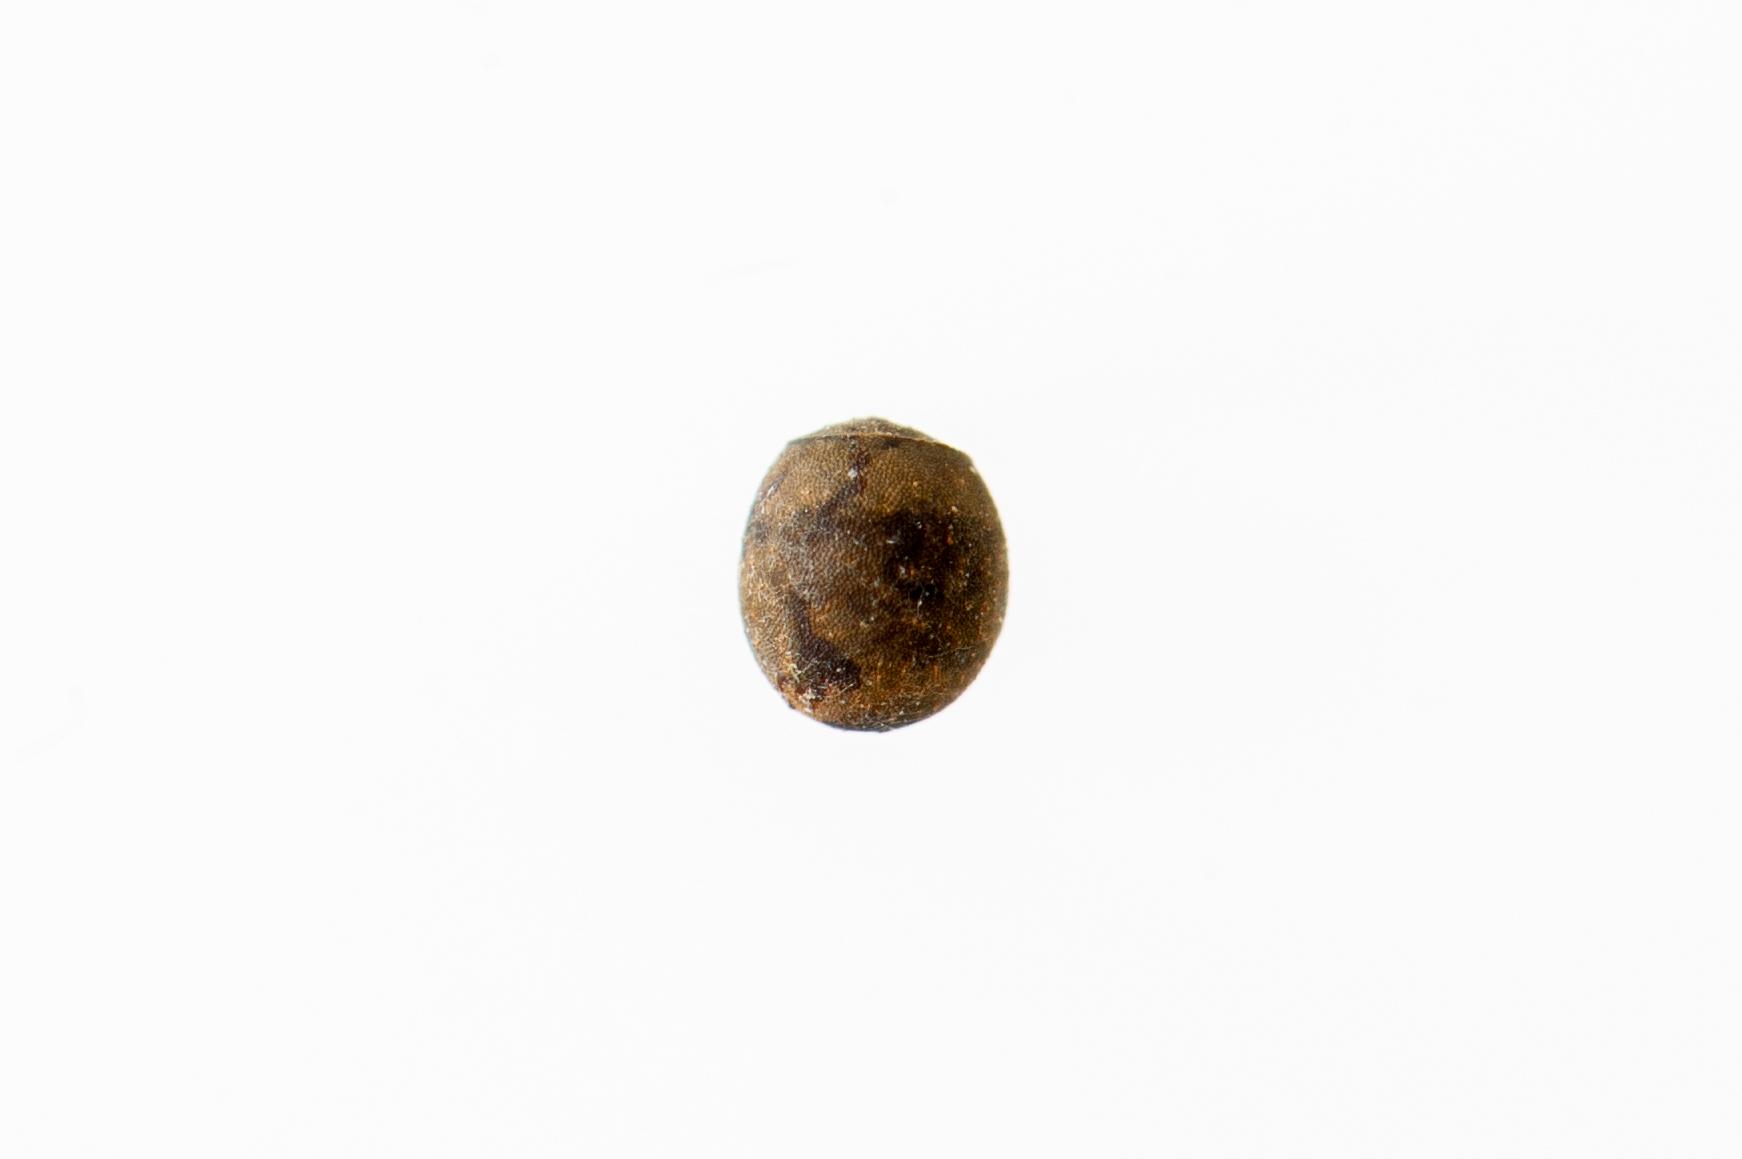 トゲナナフシの卵の写真